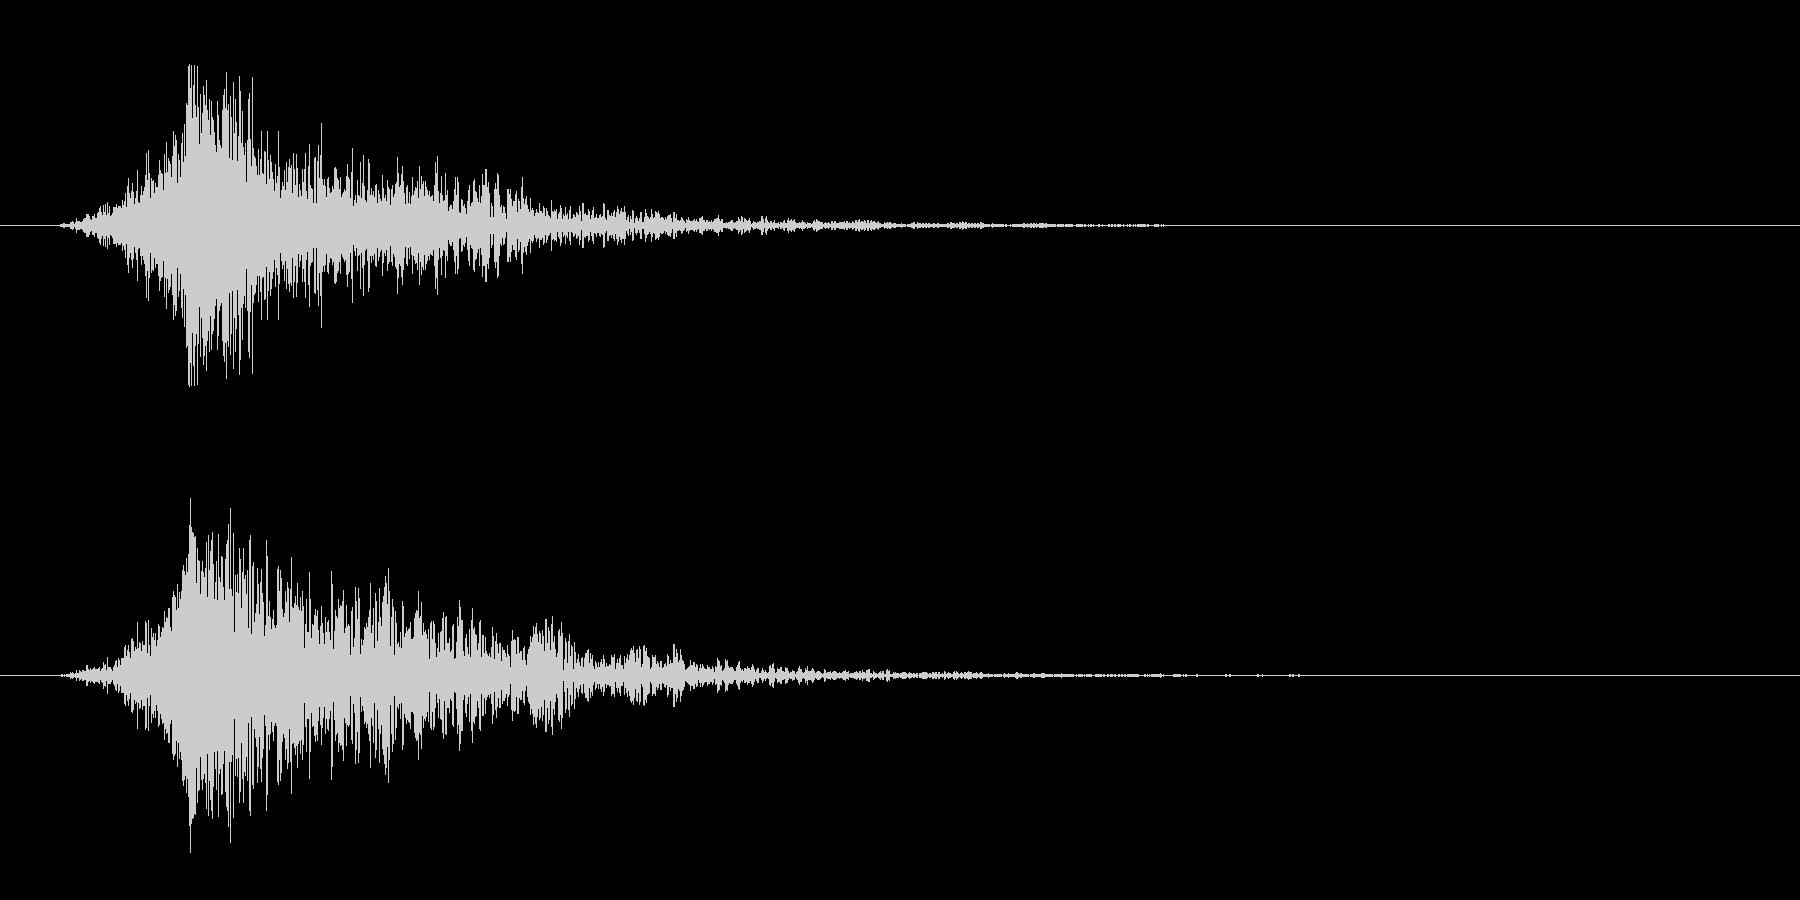 シュードーン-4(インパクト音)の未再生の波形